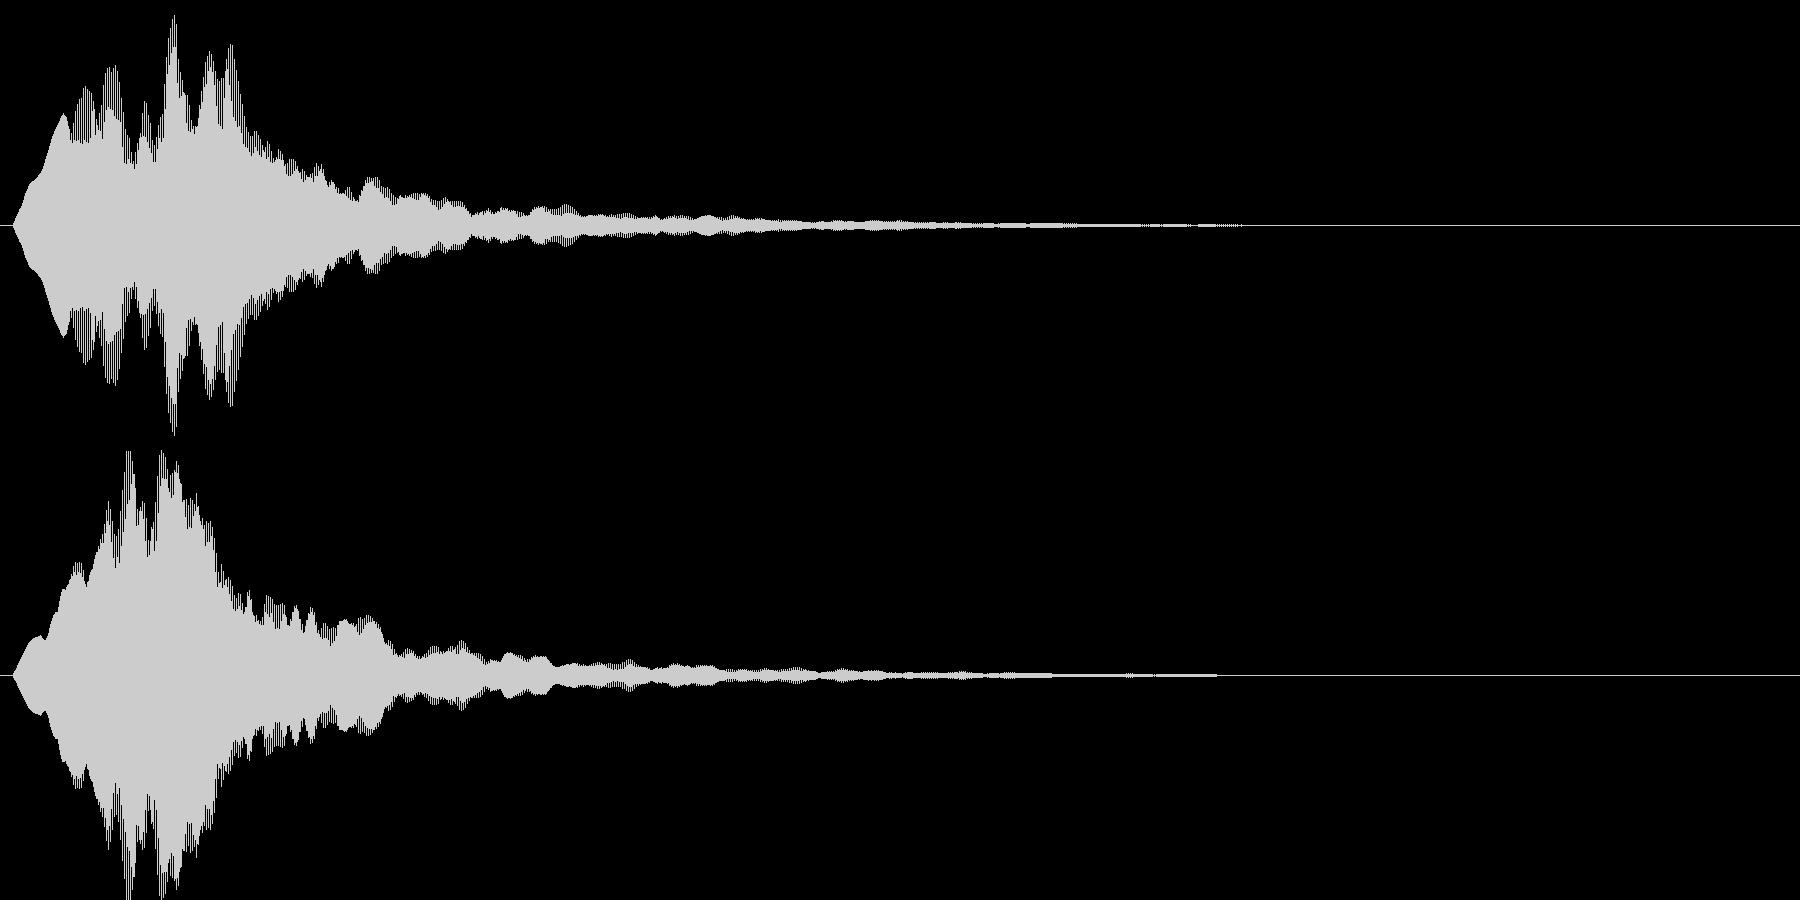 チャリラン(お知らせアラート音)の未再生の波形